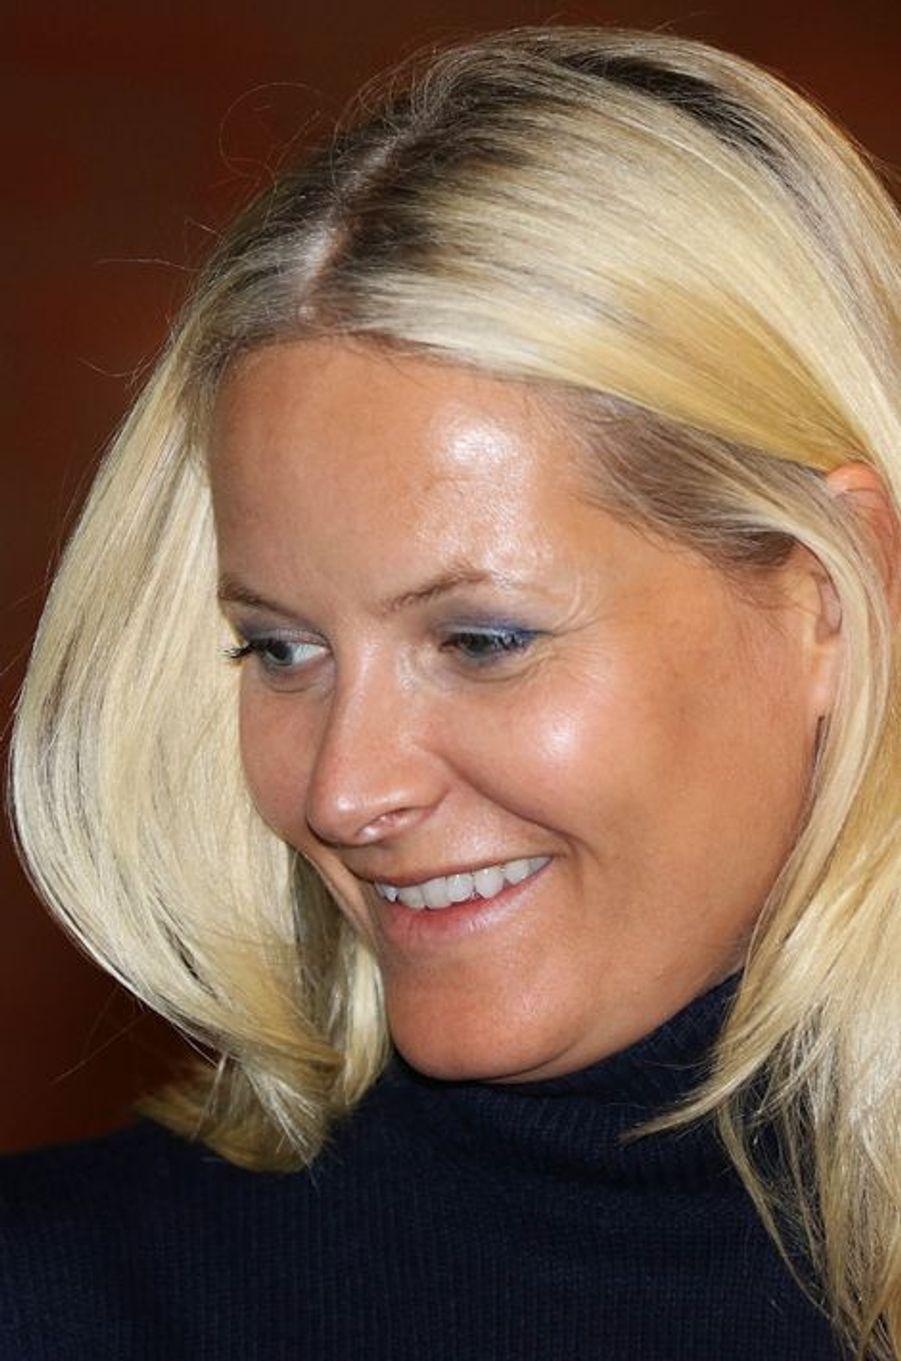 La princesse Mette-Marit de Norvège à Nittedal, le 17 septembre 2015